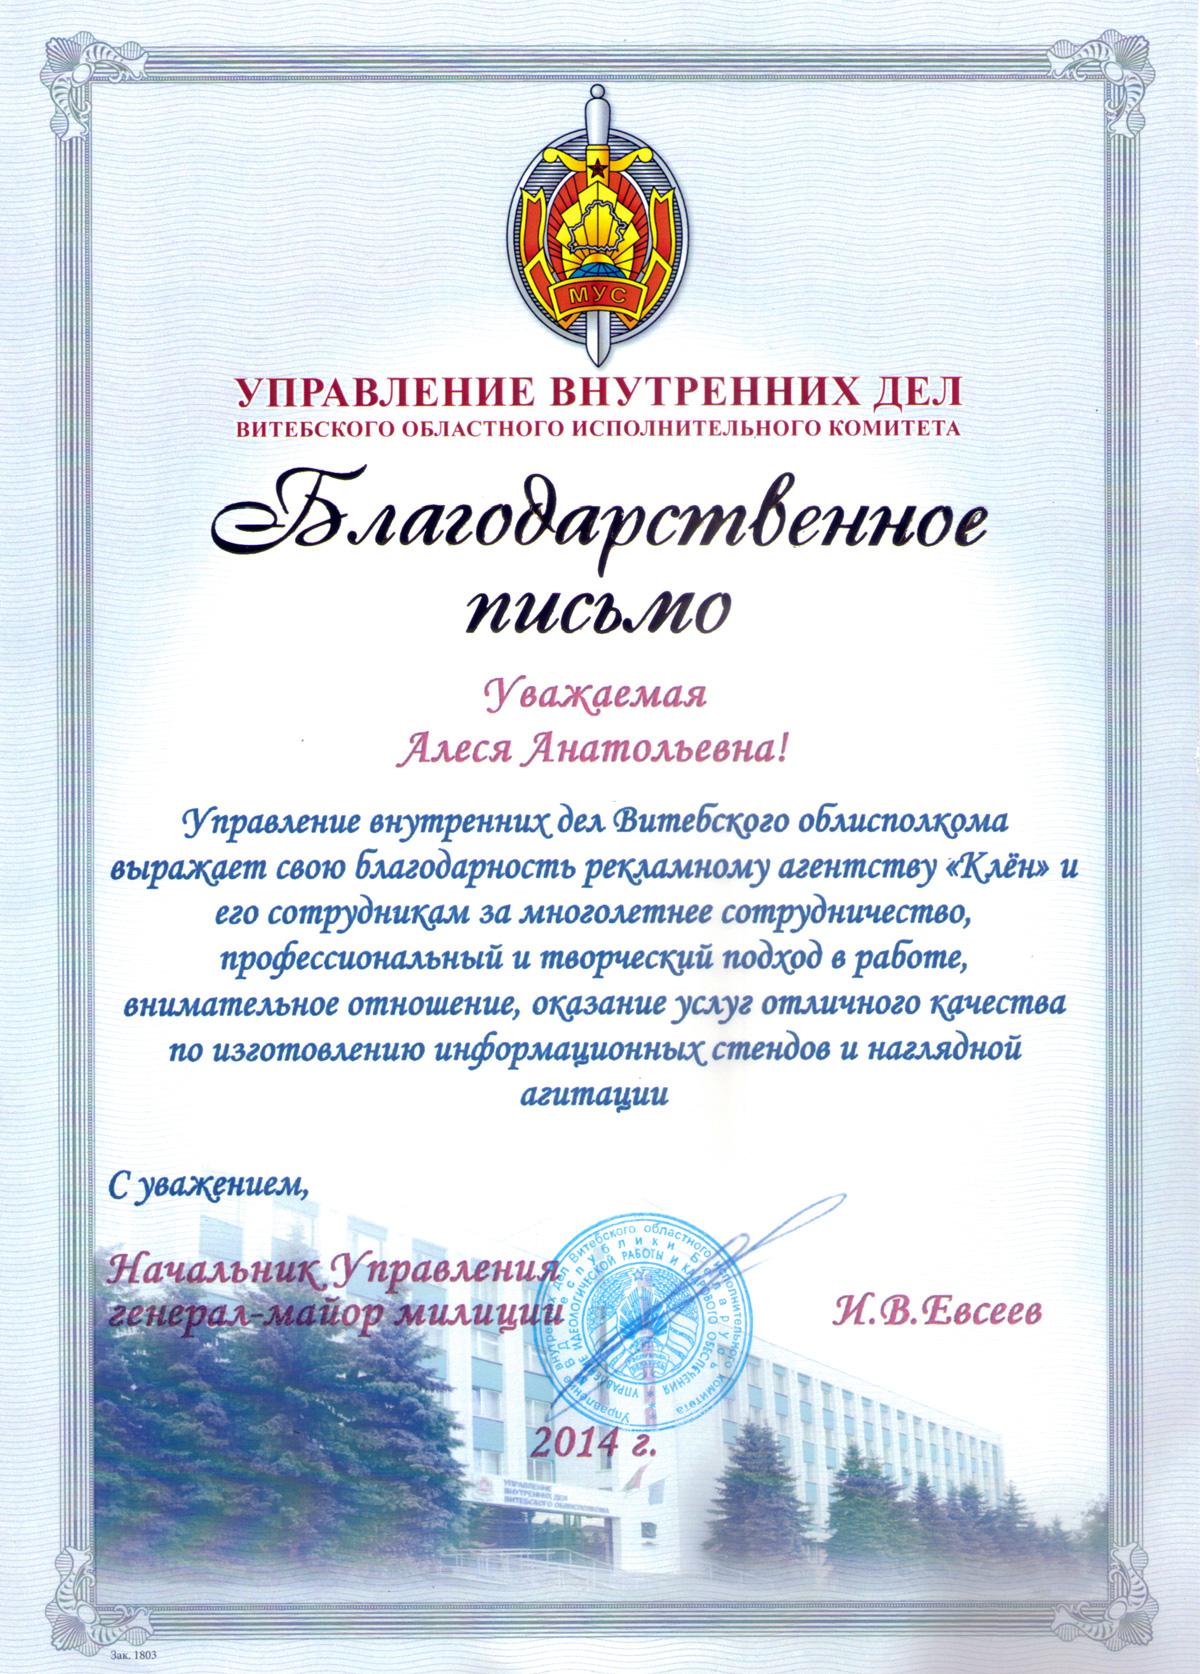 Благодарность от УВД Витоблисполкома